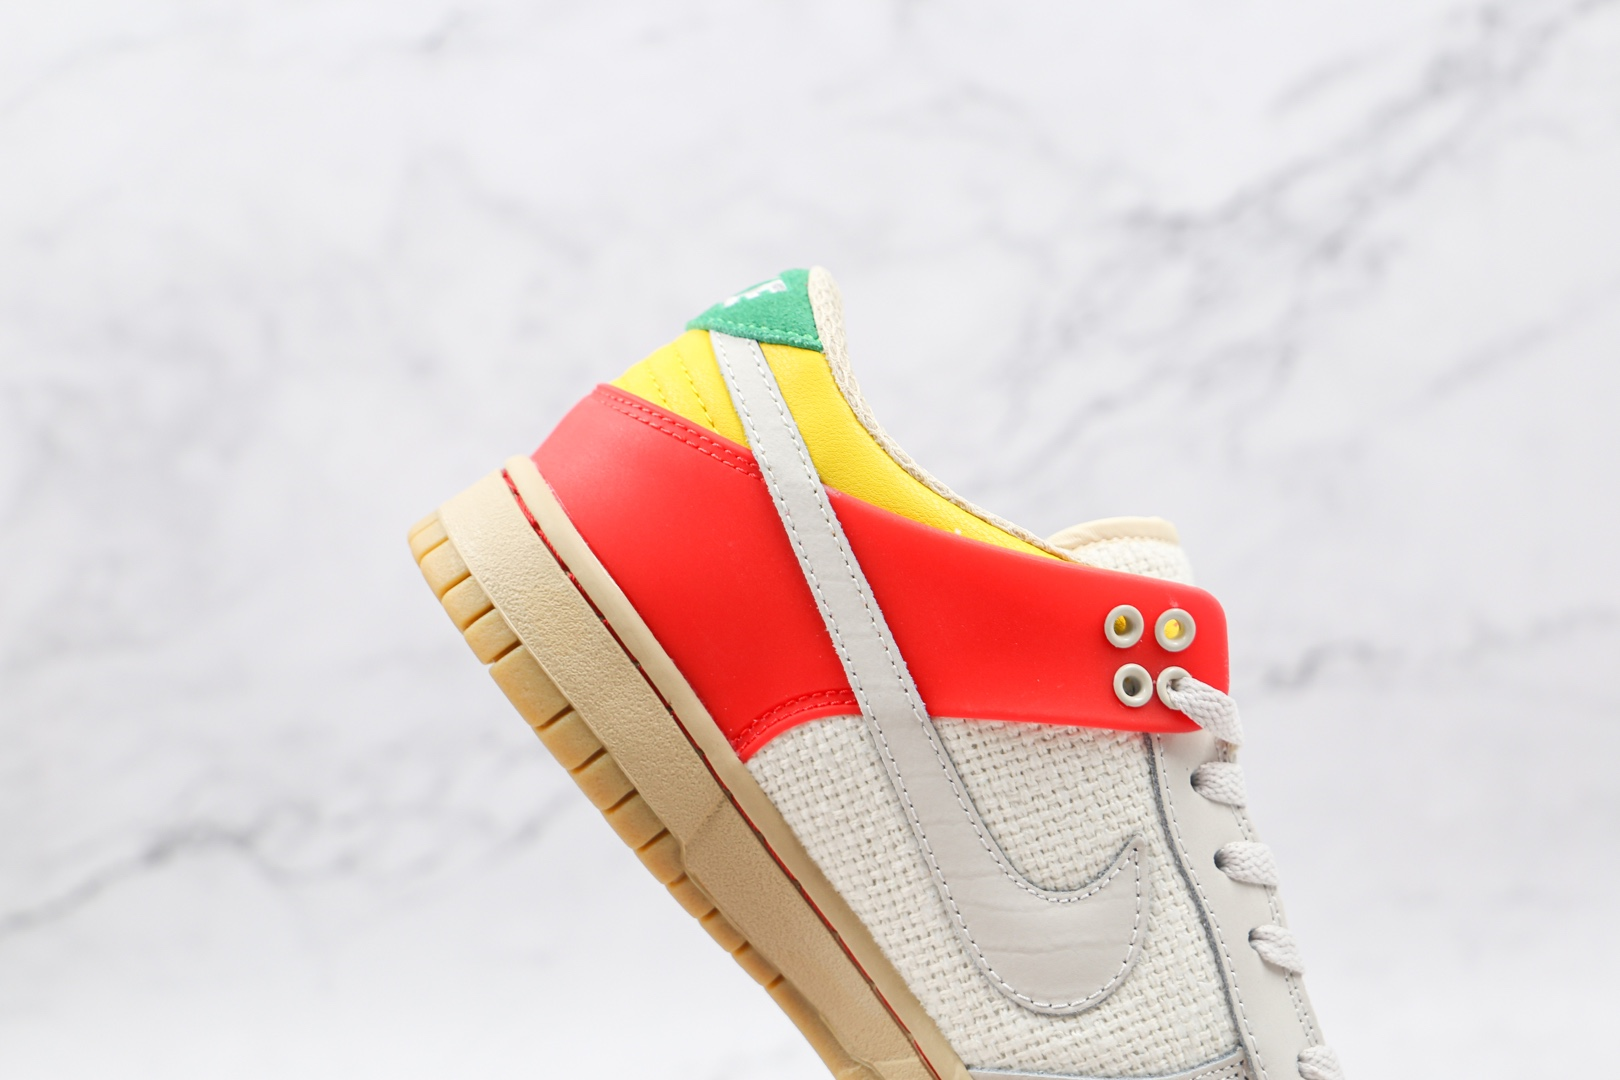 耐克Nike Air Zoom Dunkesto纯原版本低帮DUNK白灰红色平色陈奕迅同款板鞋原档案数据开发 货号:316272-201